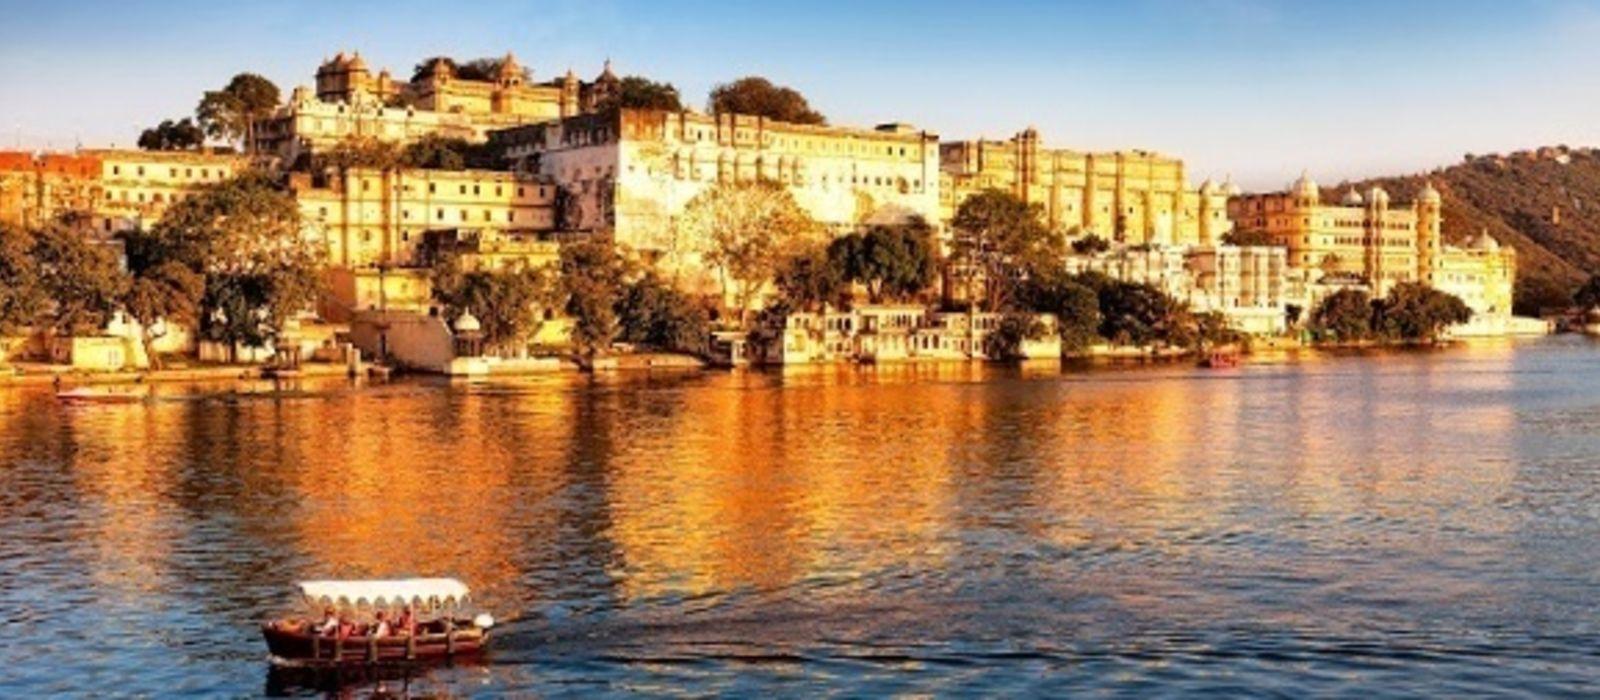 Luxuriöse Nordindienreise – Höhepunkte neu entdeckt Urlaub 1